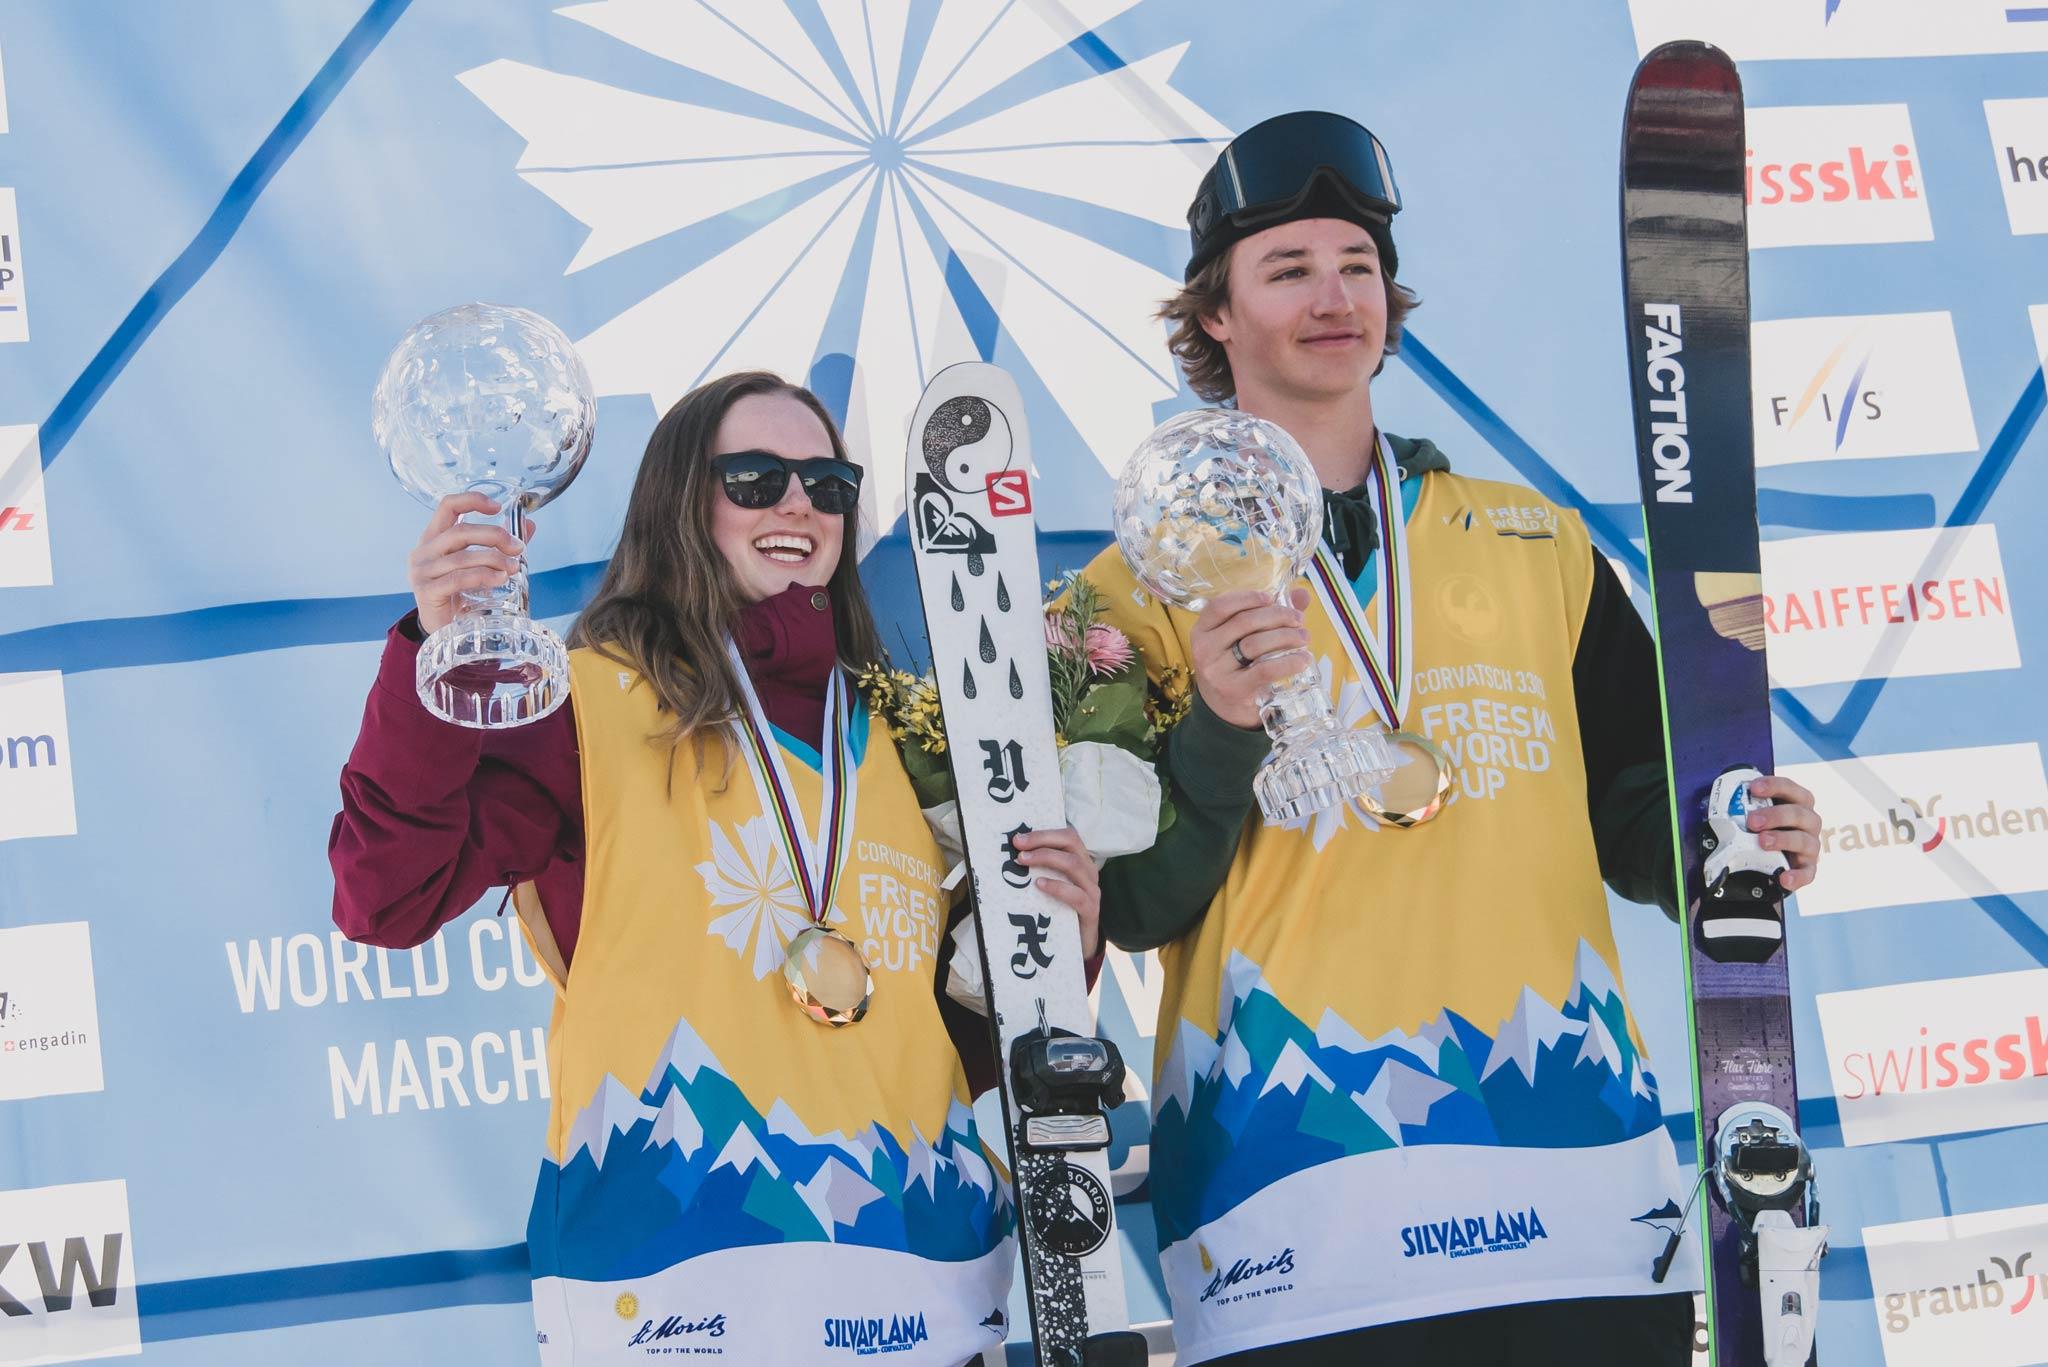 Die zwei Slopestyle Gesamtsieger in der Saison 18/19: Megan Oldham (CAN) & Mac Forehand (USA) - Foto: FIS Freestyle